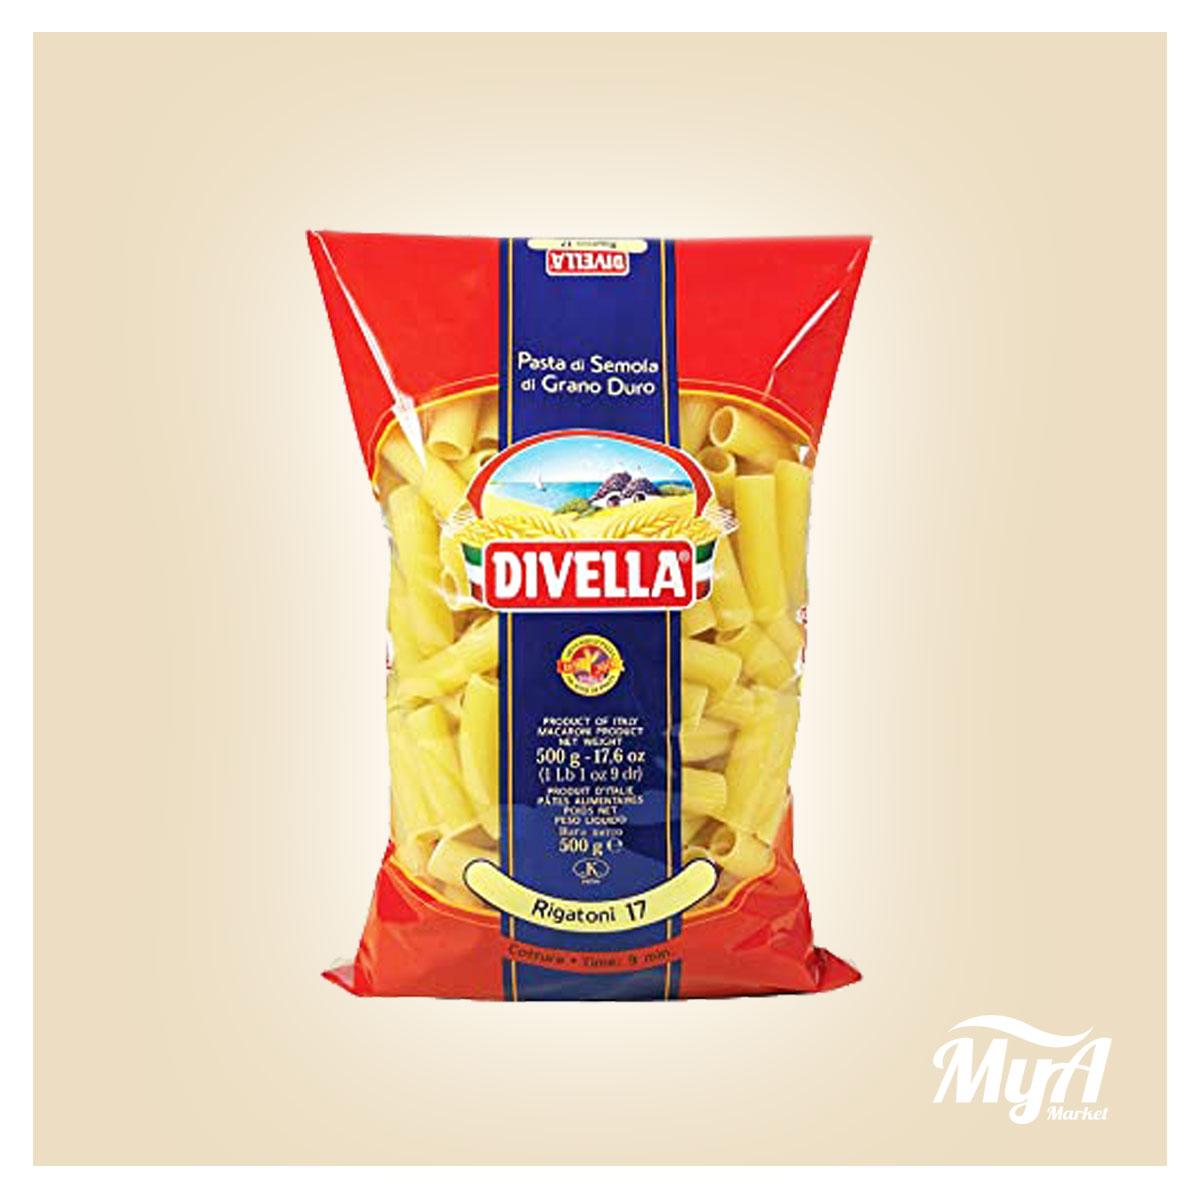 Pasta Rigatoni Divella